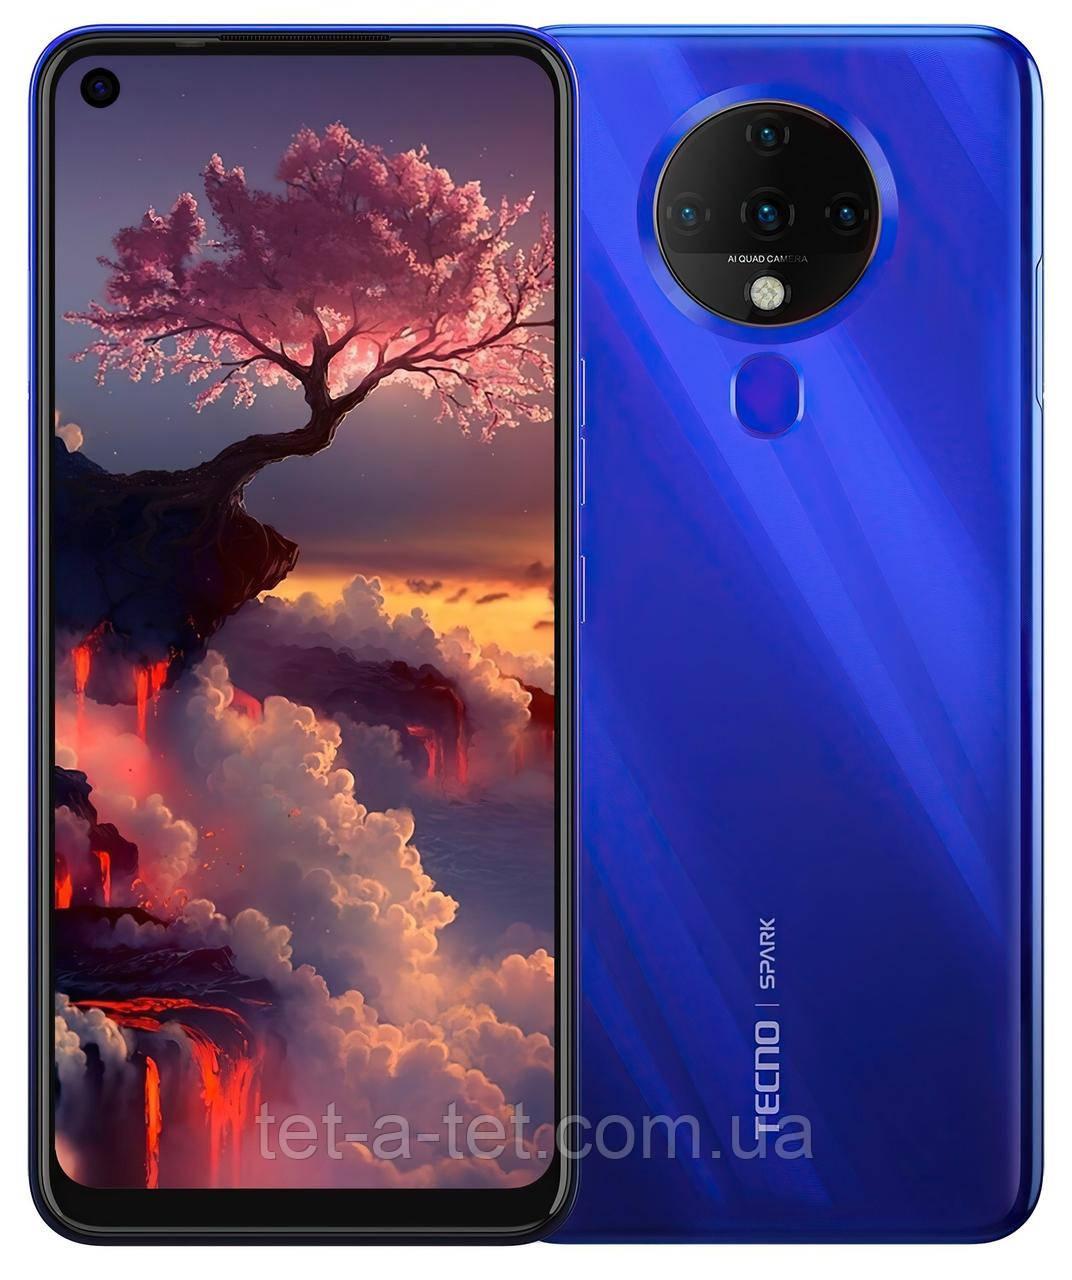 Смартфон TECNO Spark 6 (KE7) 4/64GB Ocean - Синій (Blue). ОФІЦІЙНА ГАРАНТІЯ 13 МІСЯЦІВ !!!